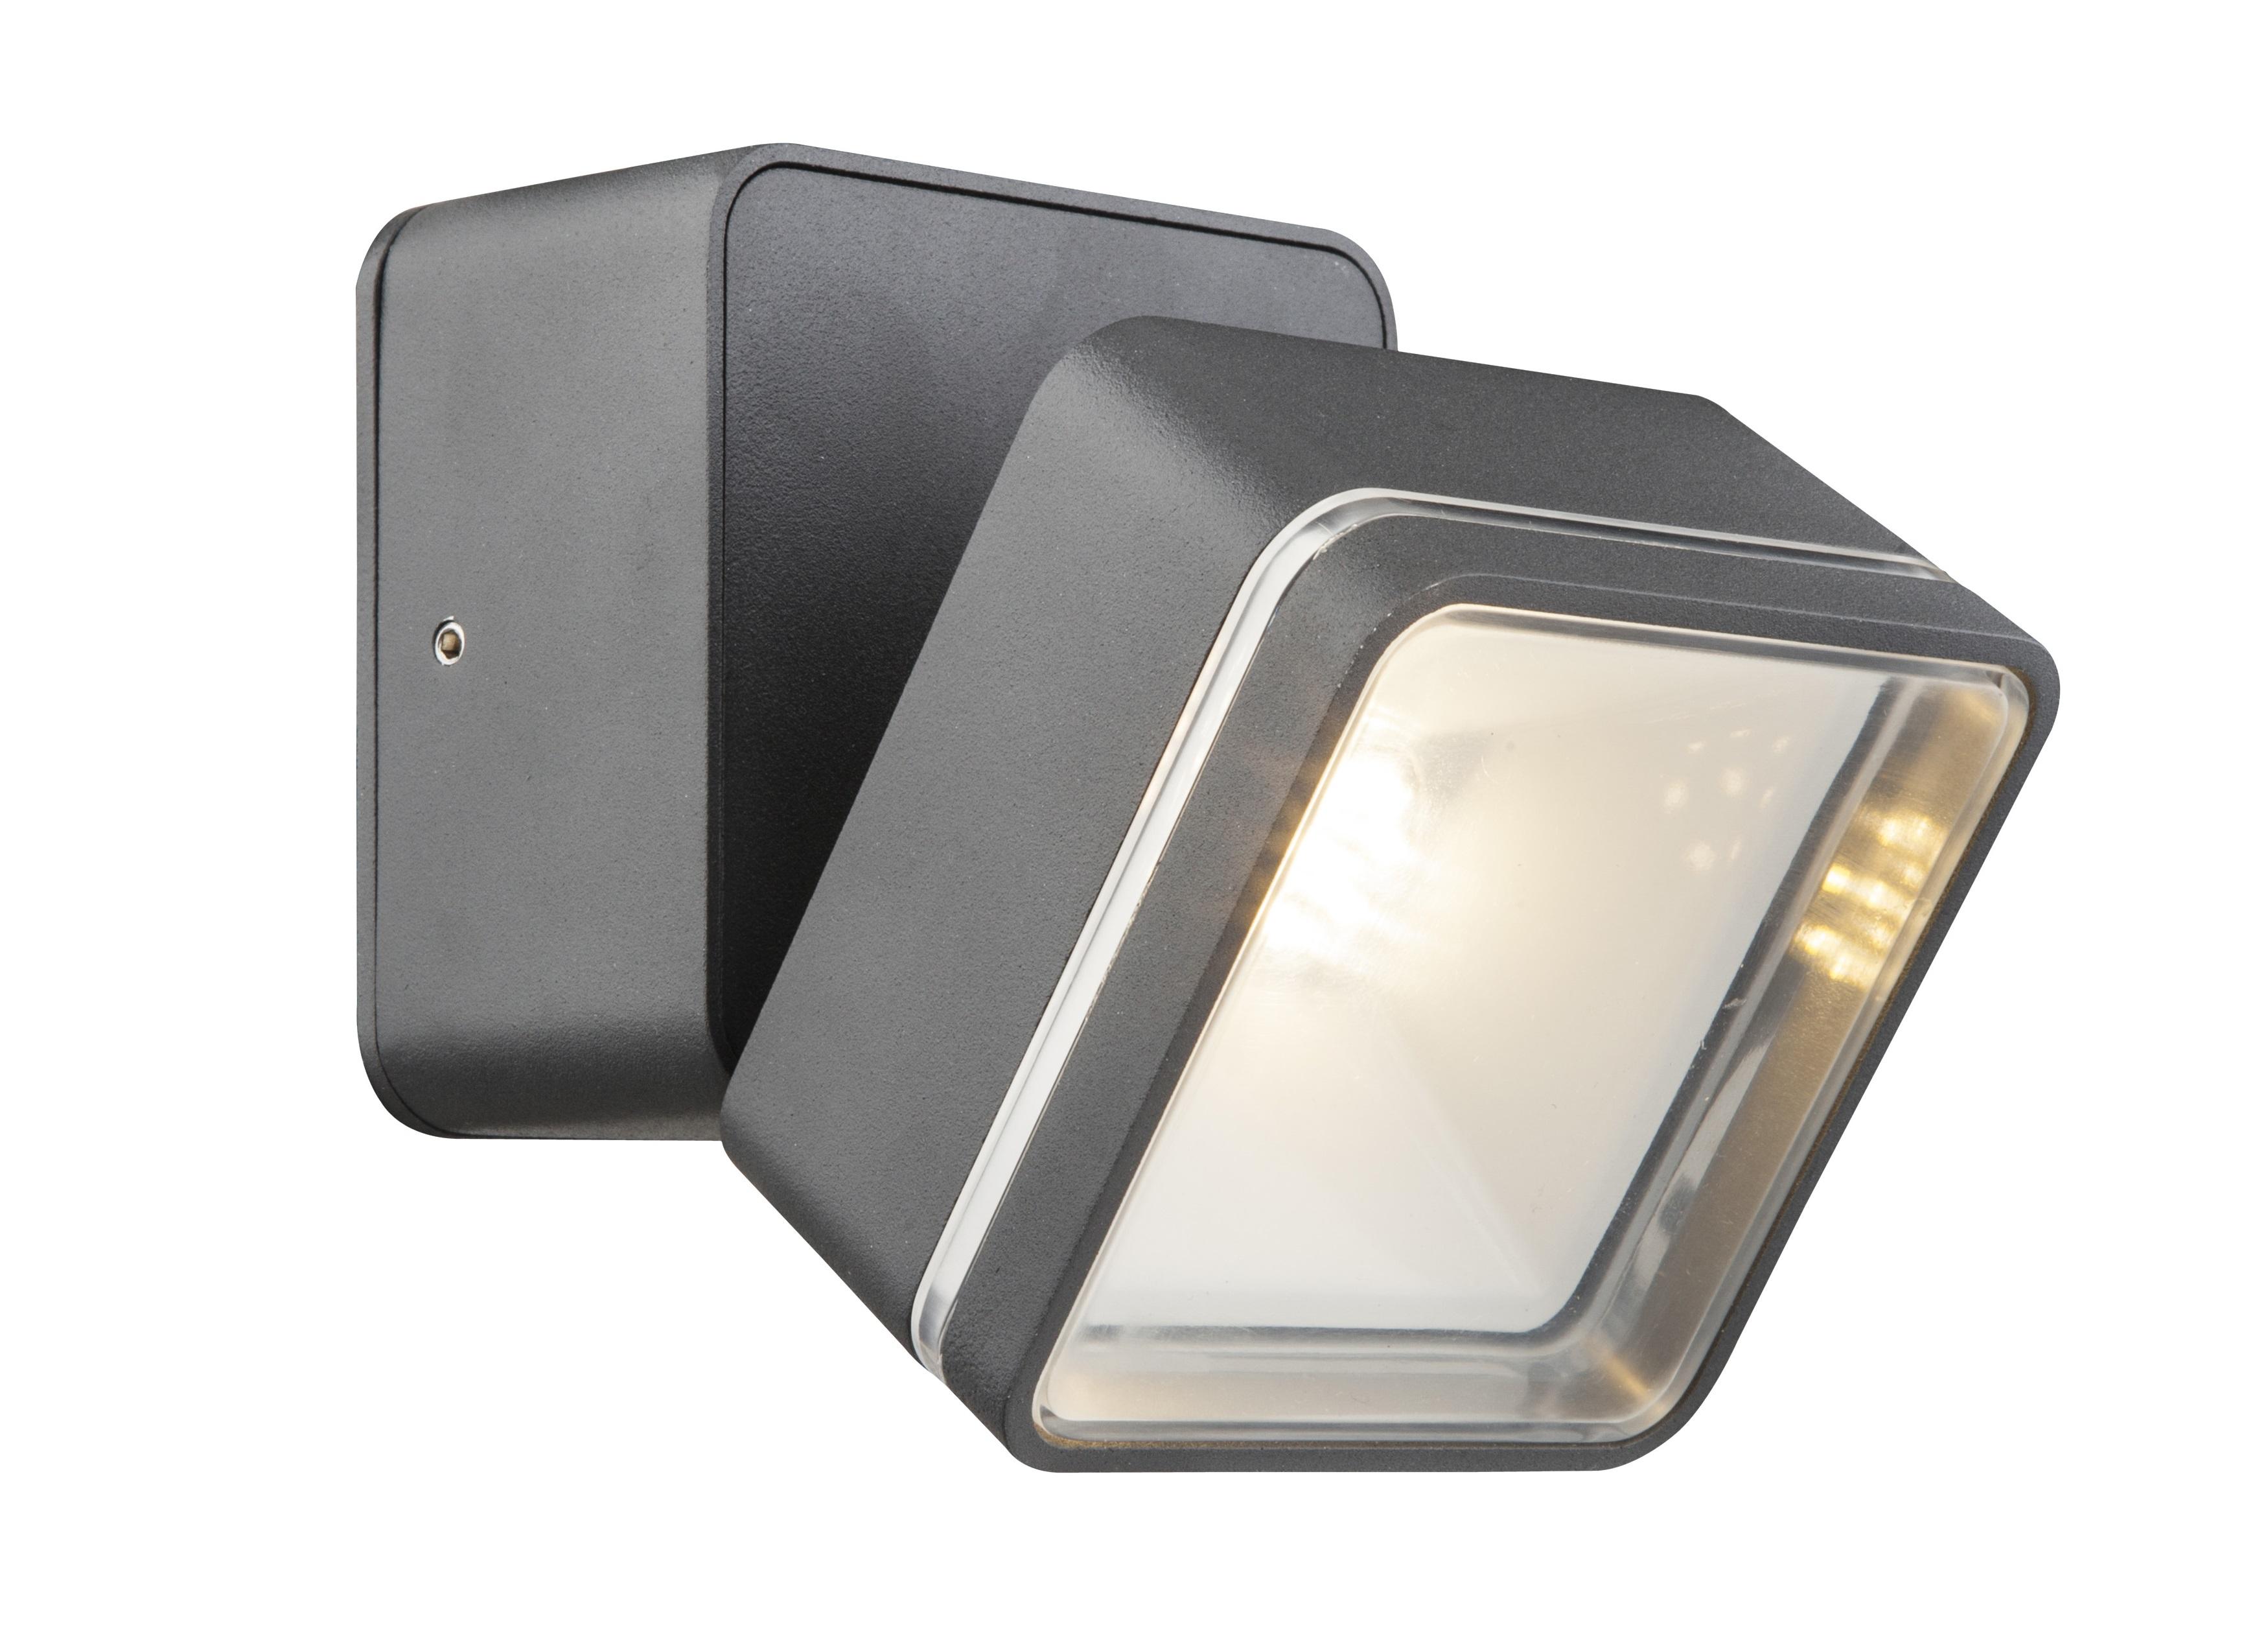 Светильник уличныйУличные настенные светильники<br>&amp;lt;div&amp;gt;Тип цоколя: LED&amp;lt;/div&amp;gt;&amp;lt;div&amp;gt;Мощность: 6W&amp;lt;/div&amp;gt;&amp;lt;div&amp;gt;Кол-во ламп: 1 (в комплекте)&amp;lt;/div&amp;gt;&amp;lt;div&amp;gt;&amp;lt;br&amp;gt;&amp;lt;/div&amp;gt;<br><br>Material: Металл<br>Length см: None<br>Width см: 9<br>Depth см: 14,1<br>Height см: 9<br>Diameter см: None